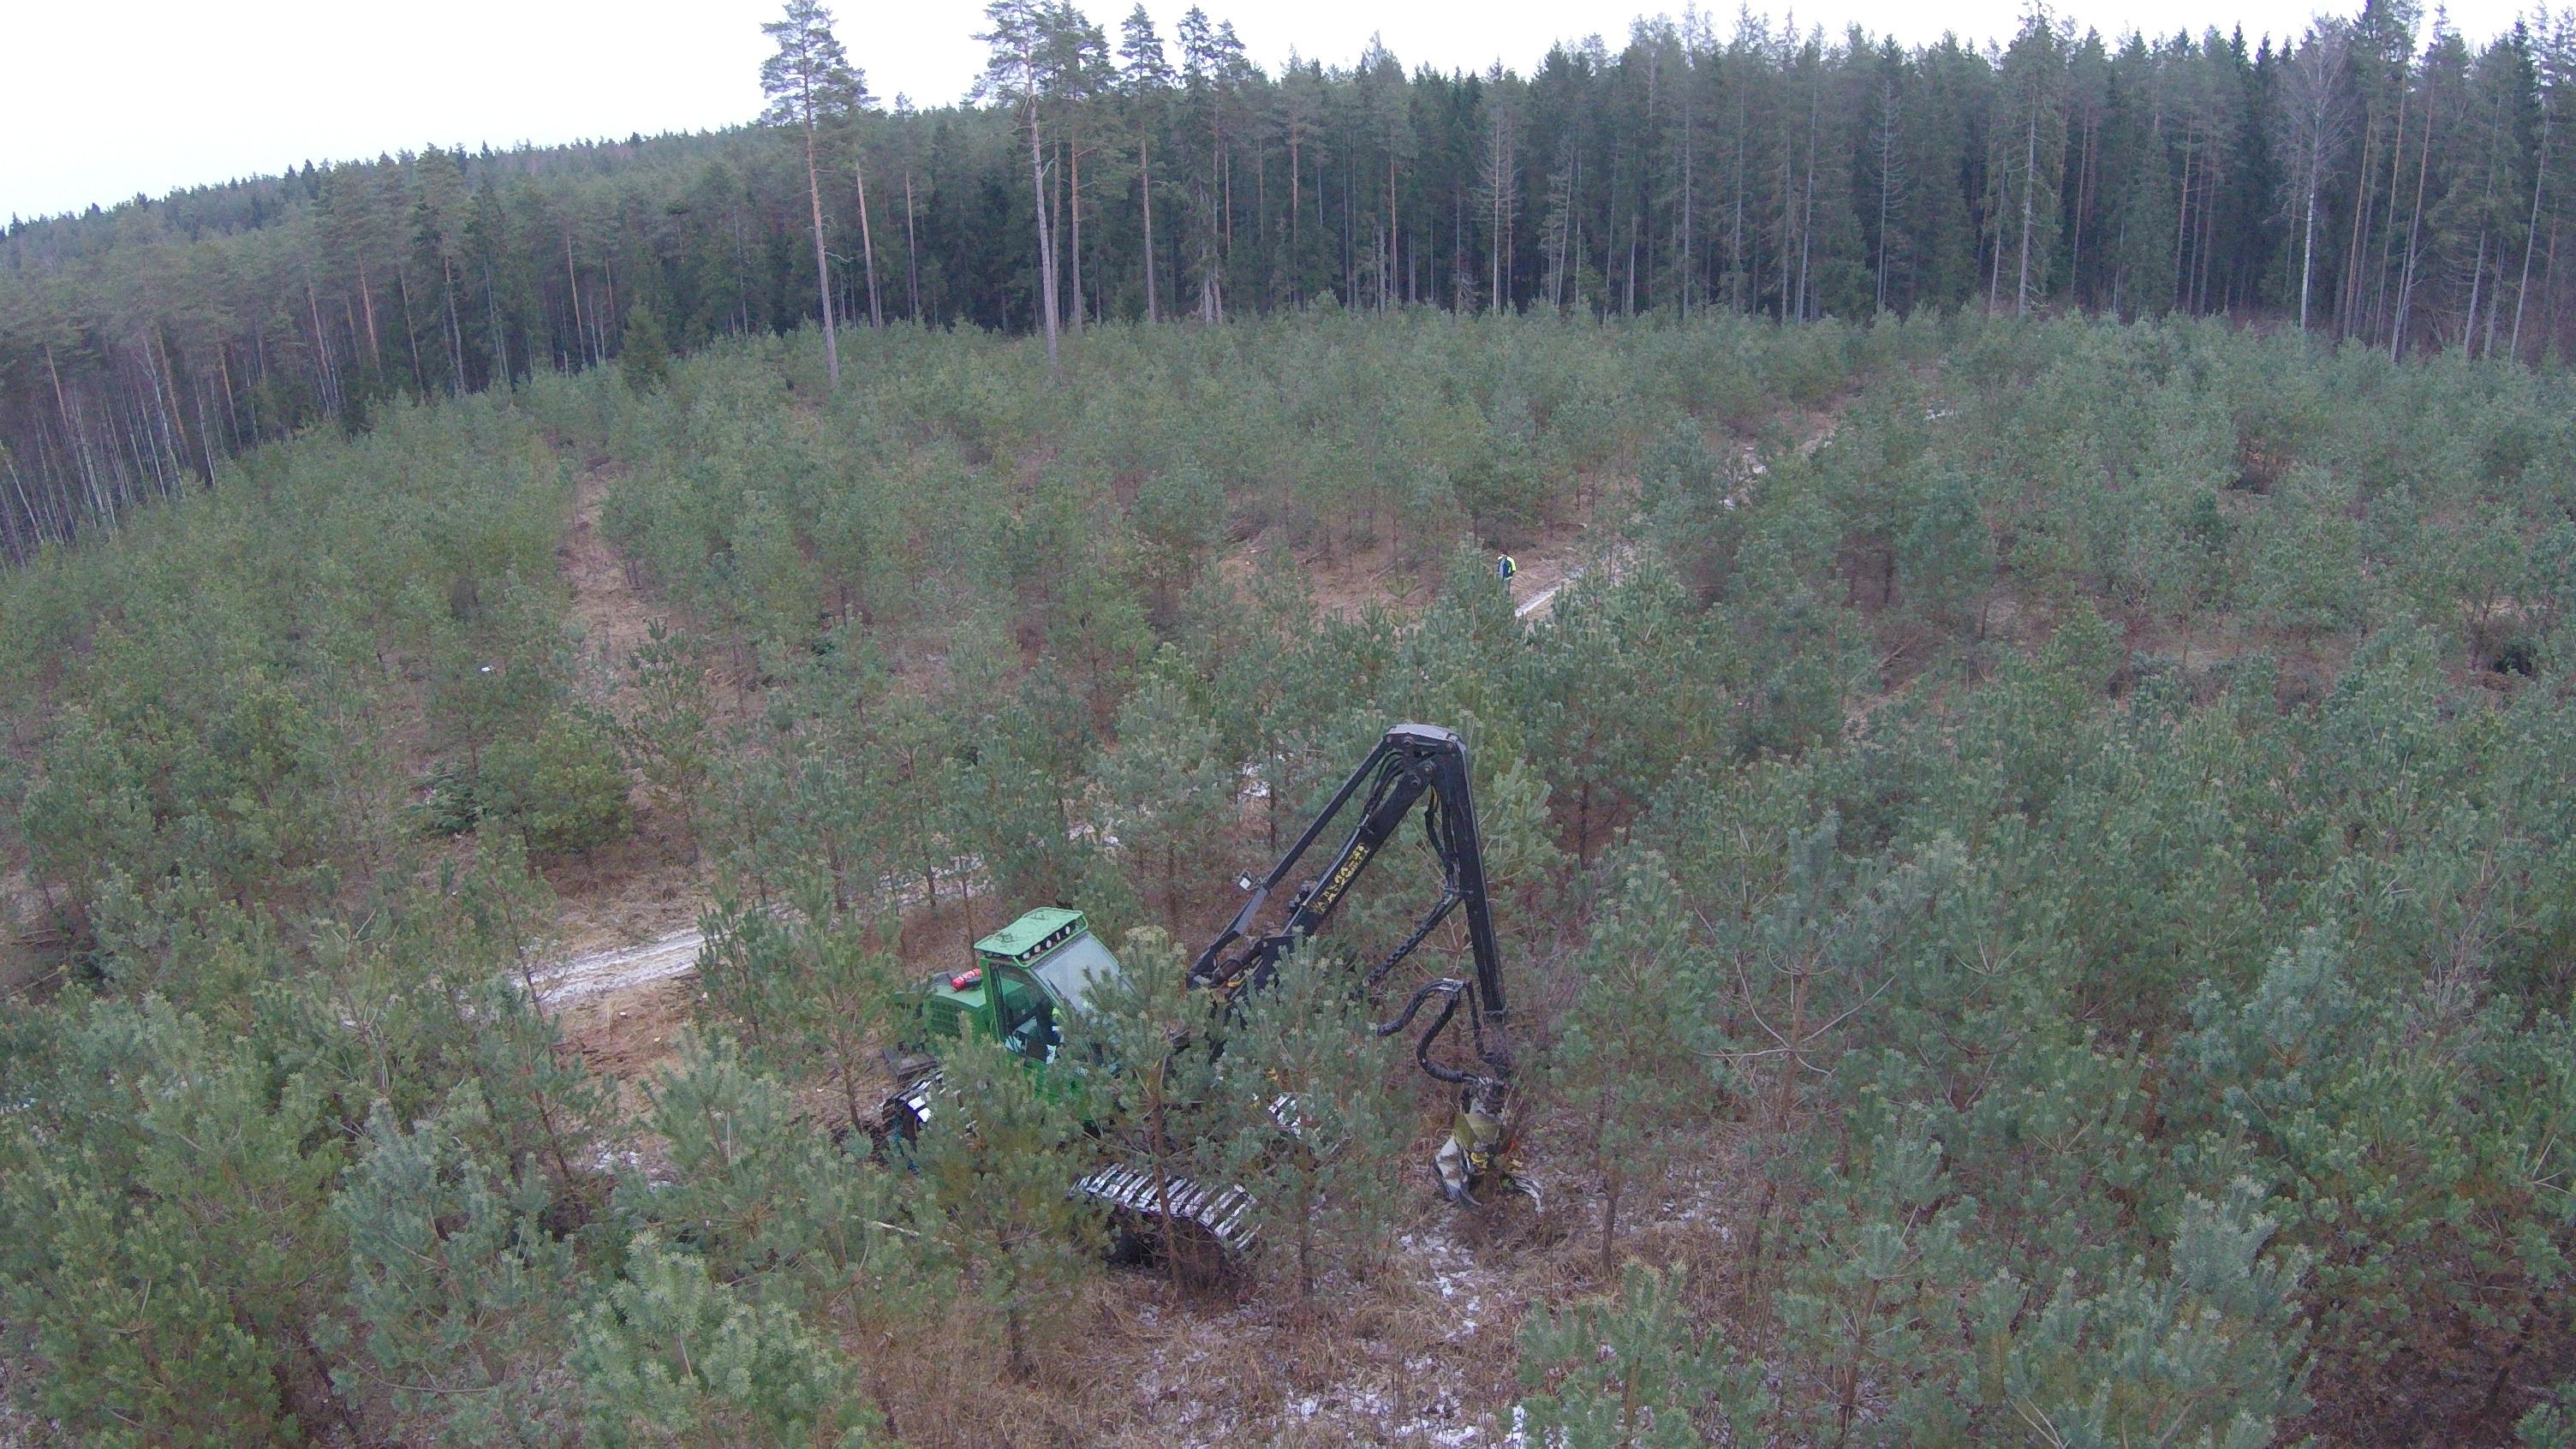 Apmācību programma uzņēmējiem, kuri ir  iesaistīti mežsaimniecības nozarē